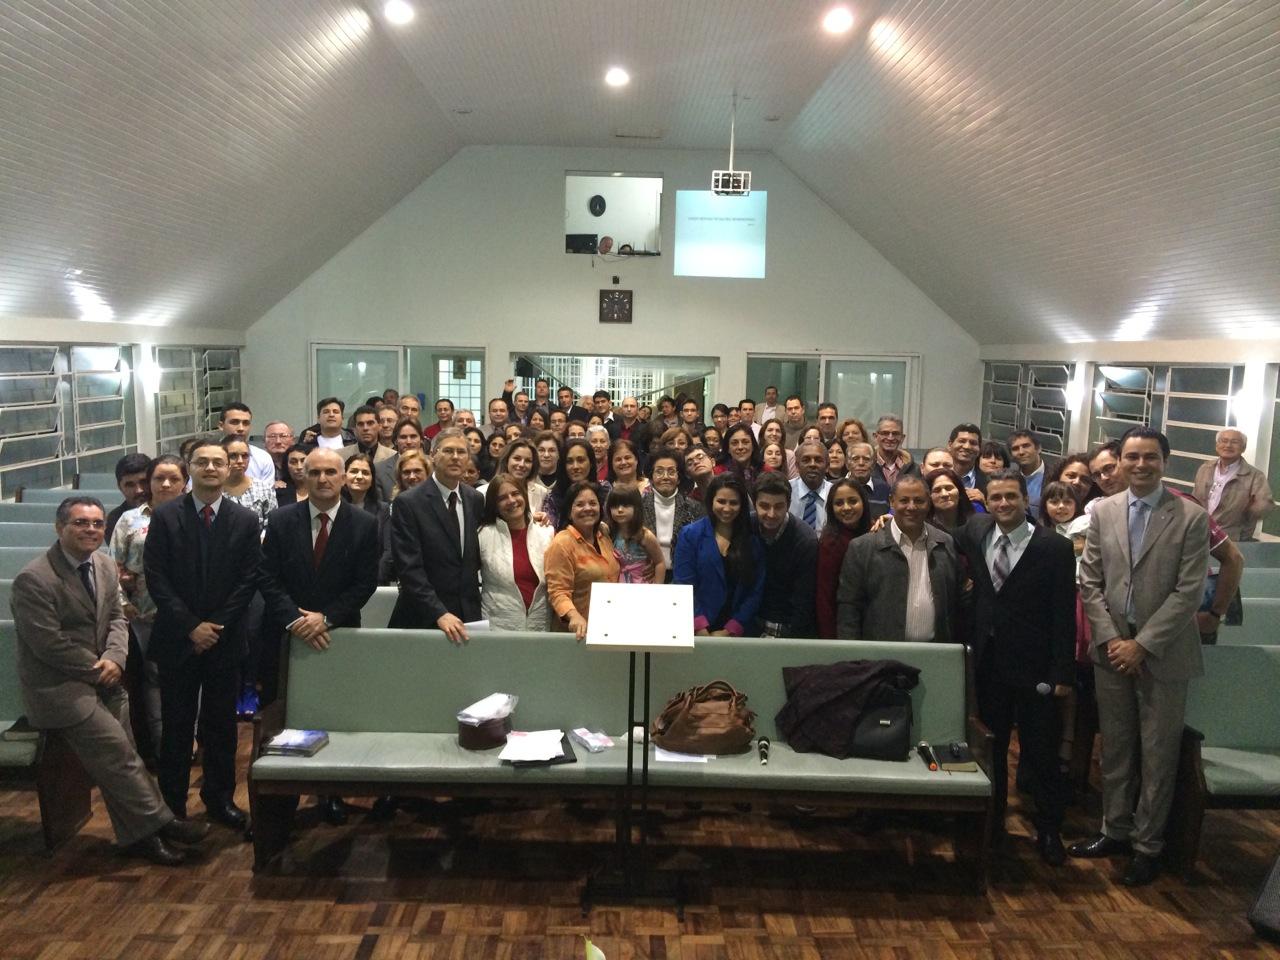 Neste ano, 120 pessoas já se batizaram no Sul do Paraná por influência da TV ou Rádio NT